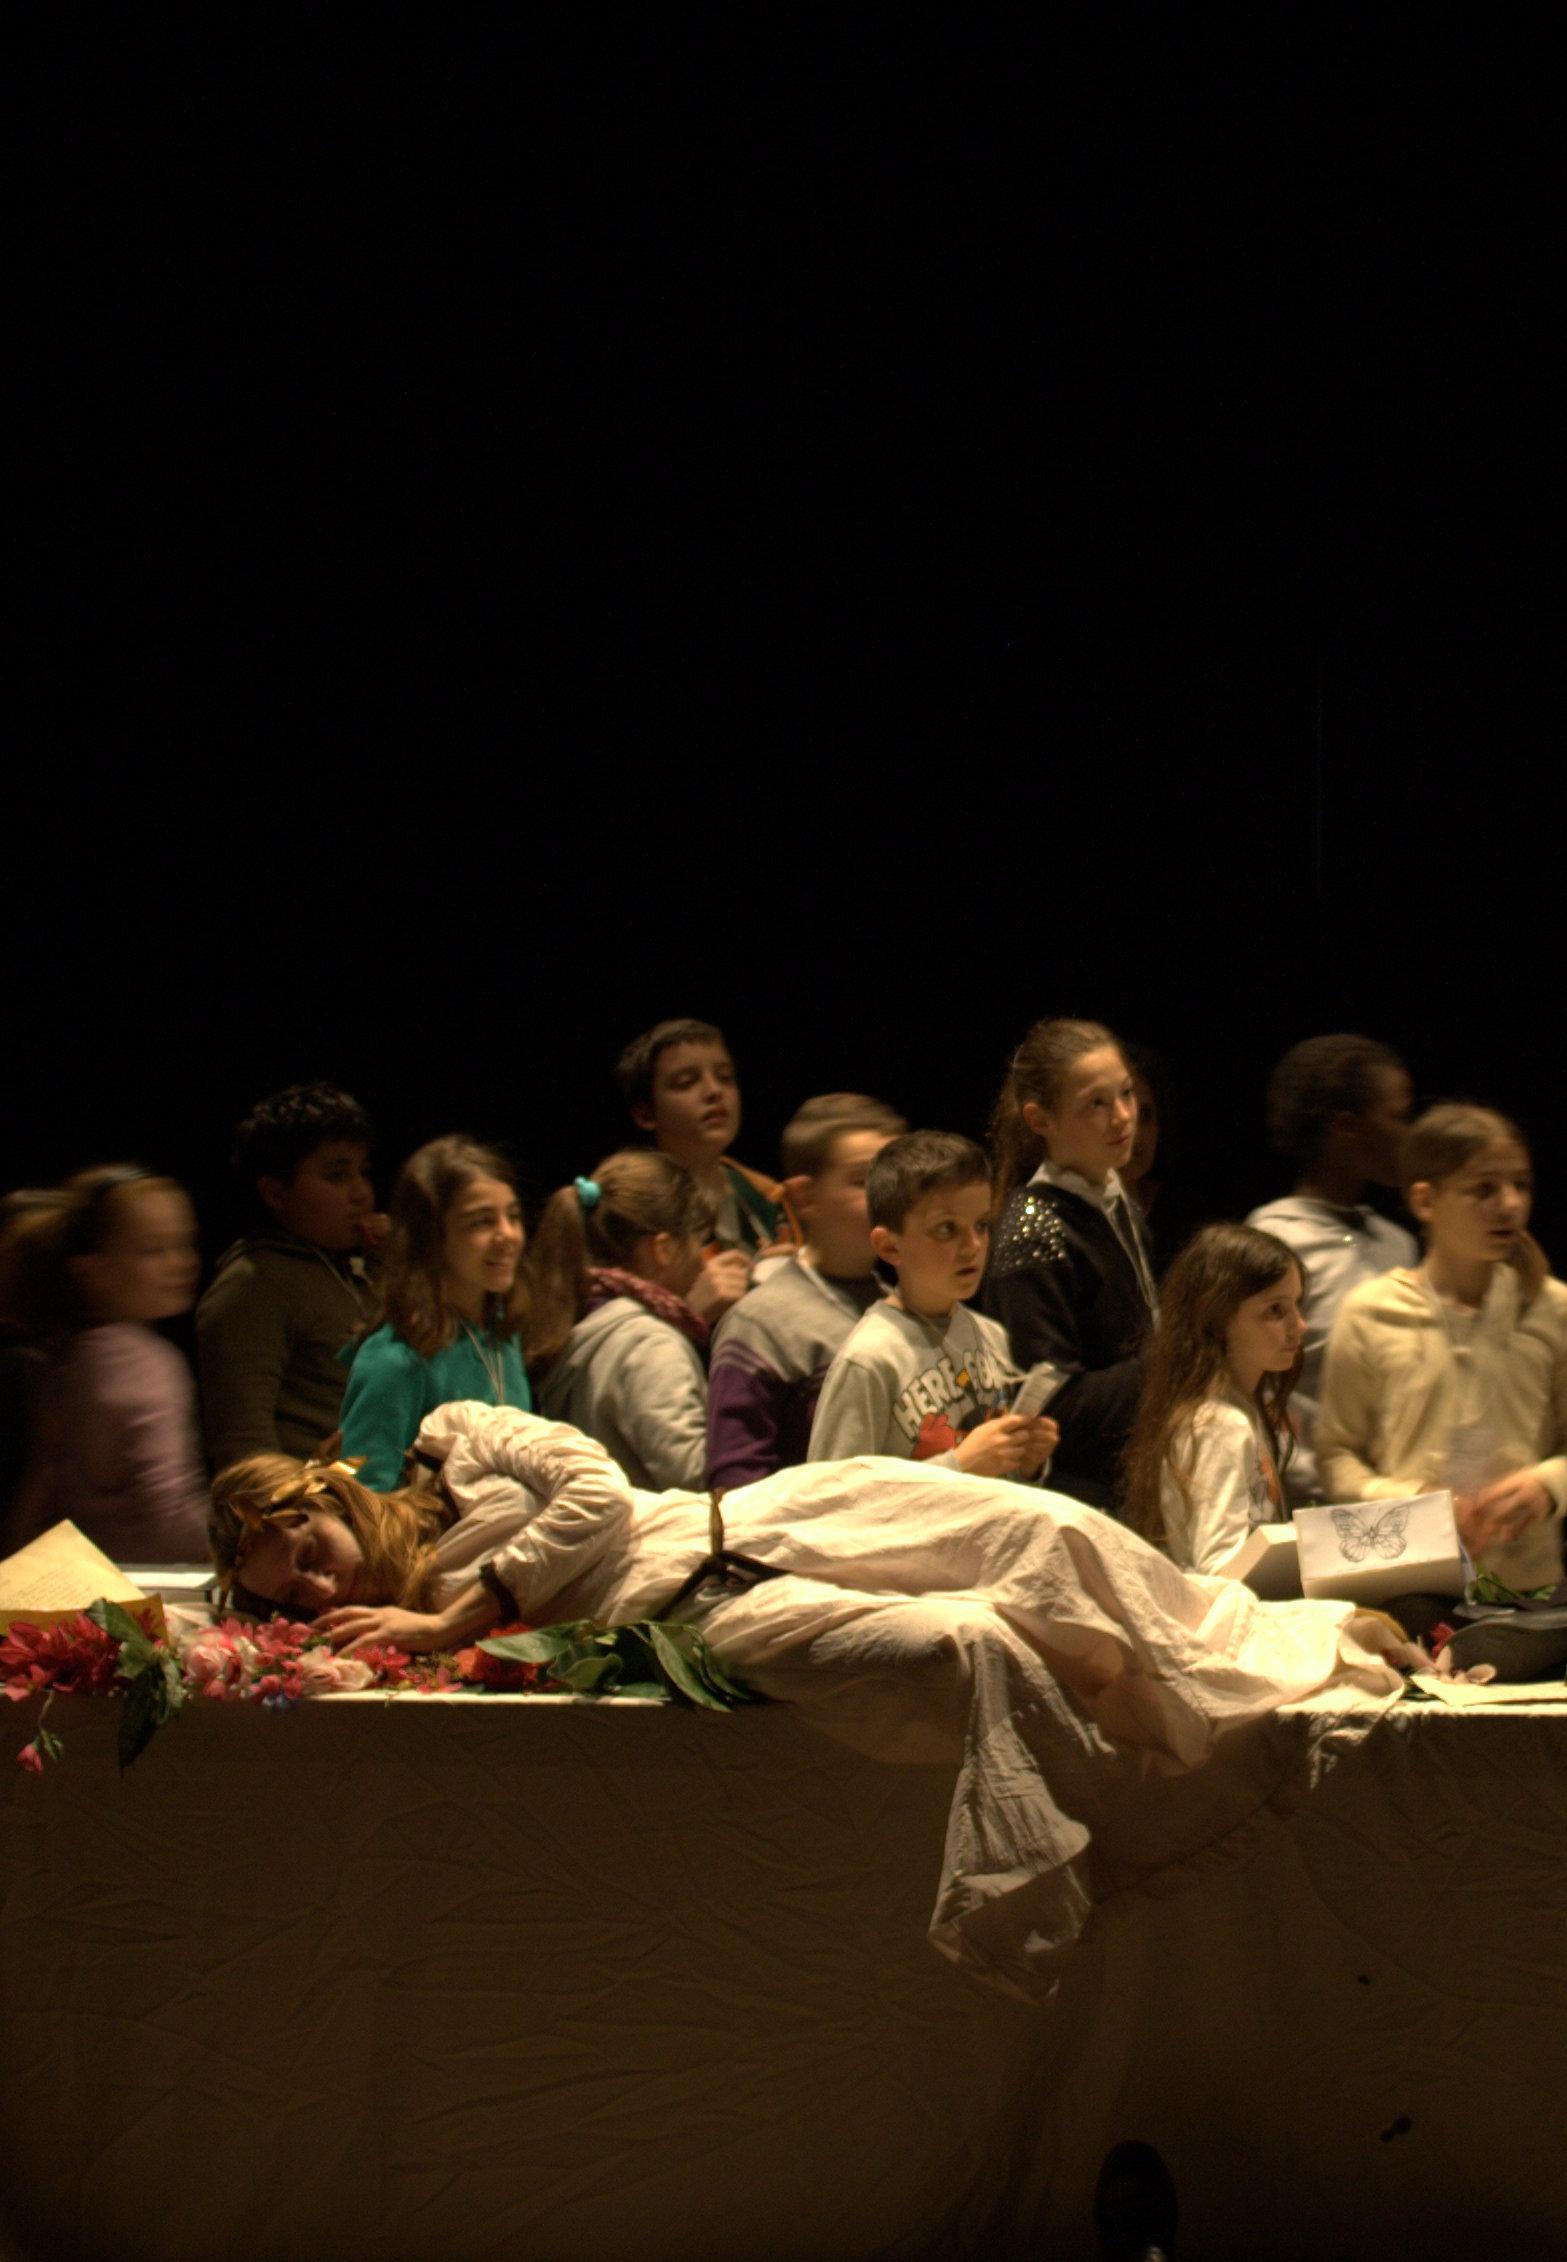 La schiena di Arlecchino di Chiara Guidi, foto di Simona  Barducci